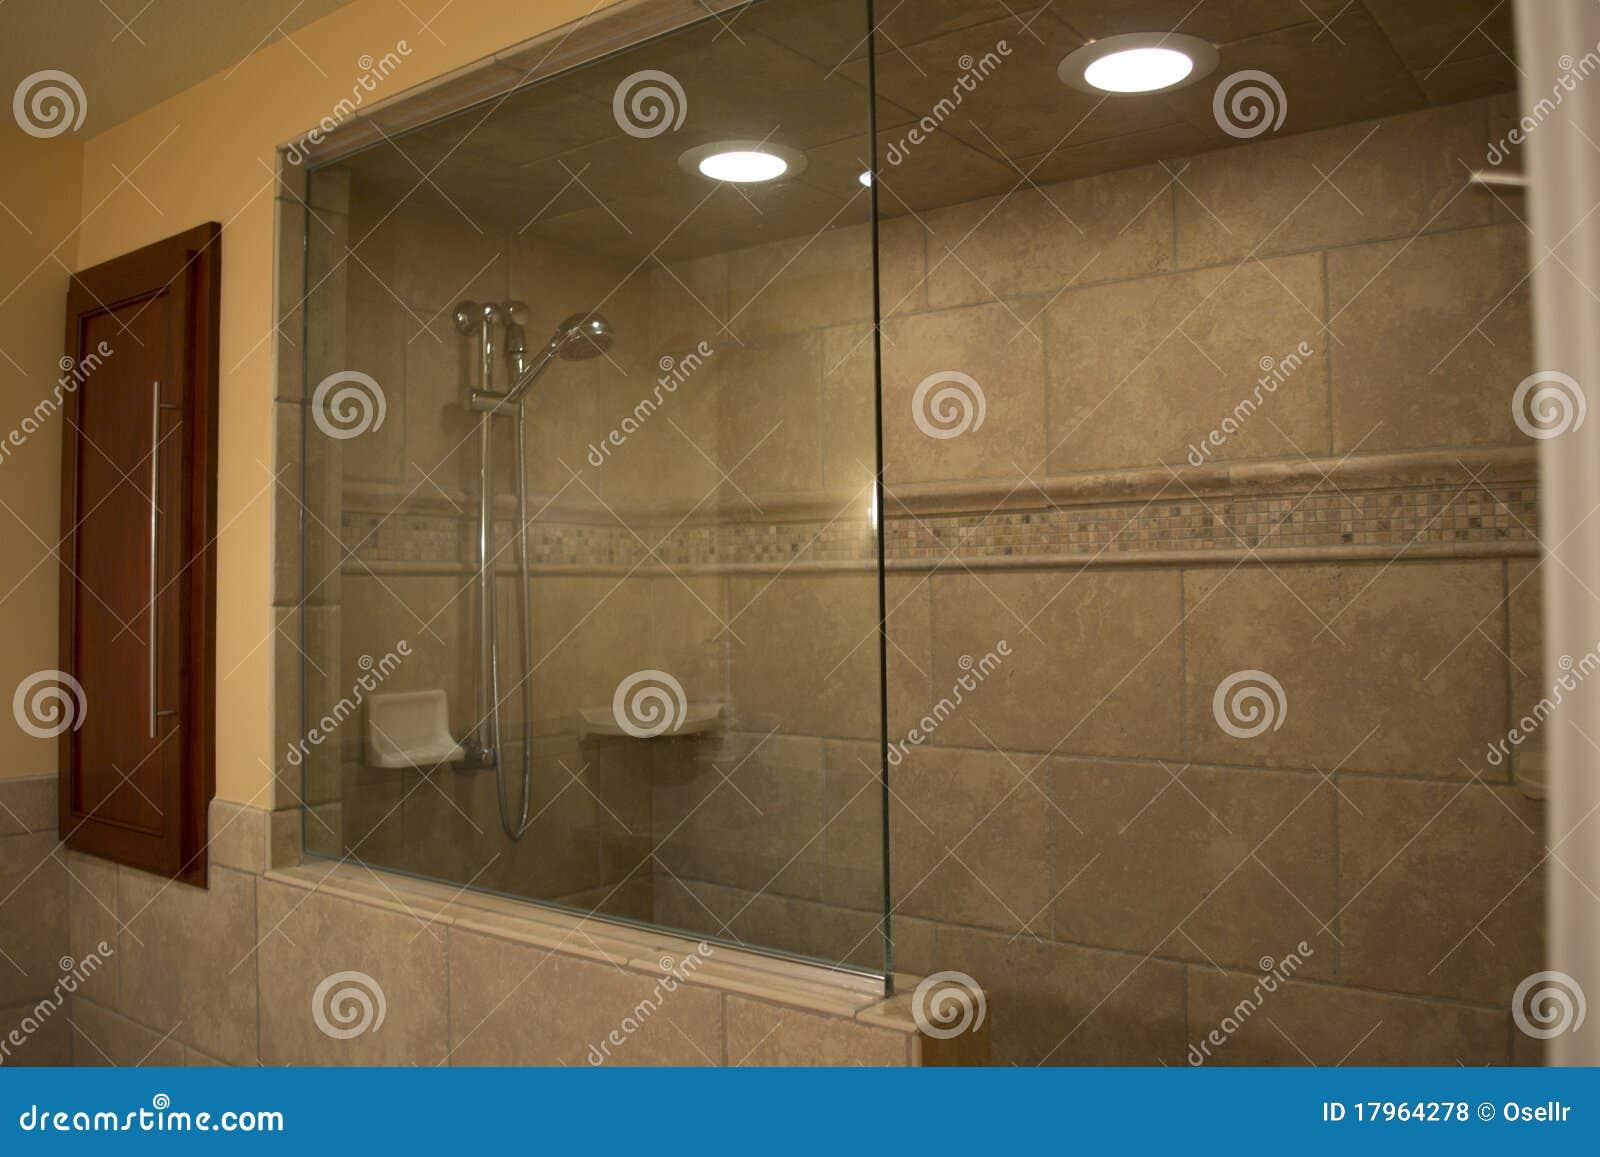 moderne walk in dusche lizenzfreie stockfotos bild 17964278. Black Bedroom Furniture Sets. Home Design Ideas